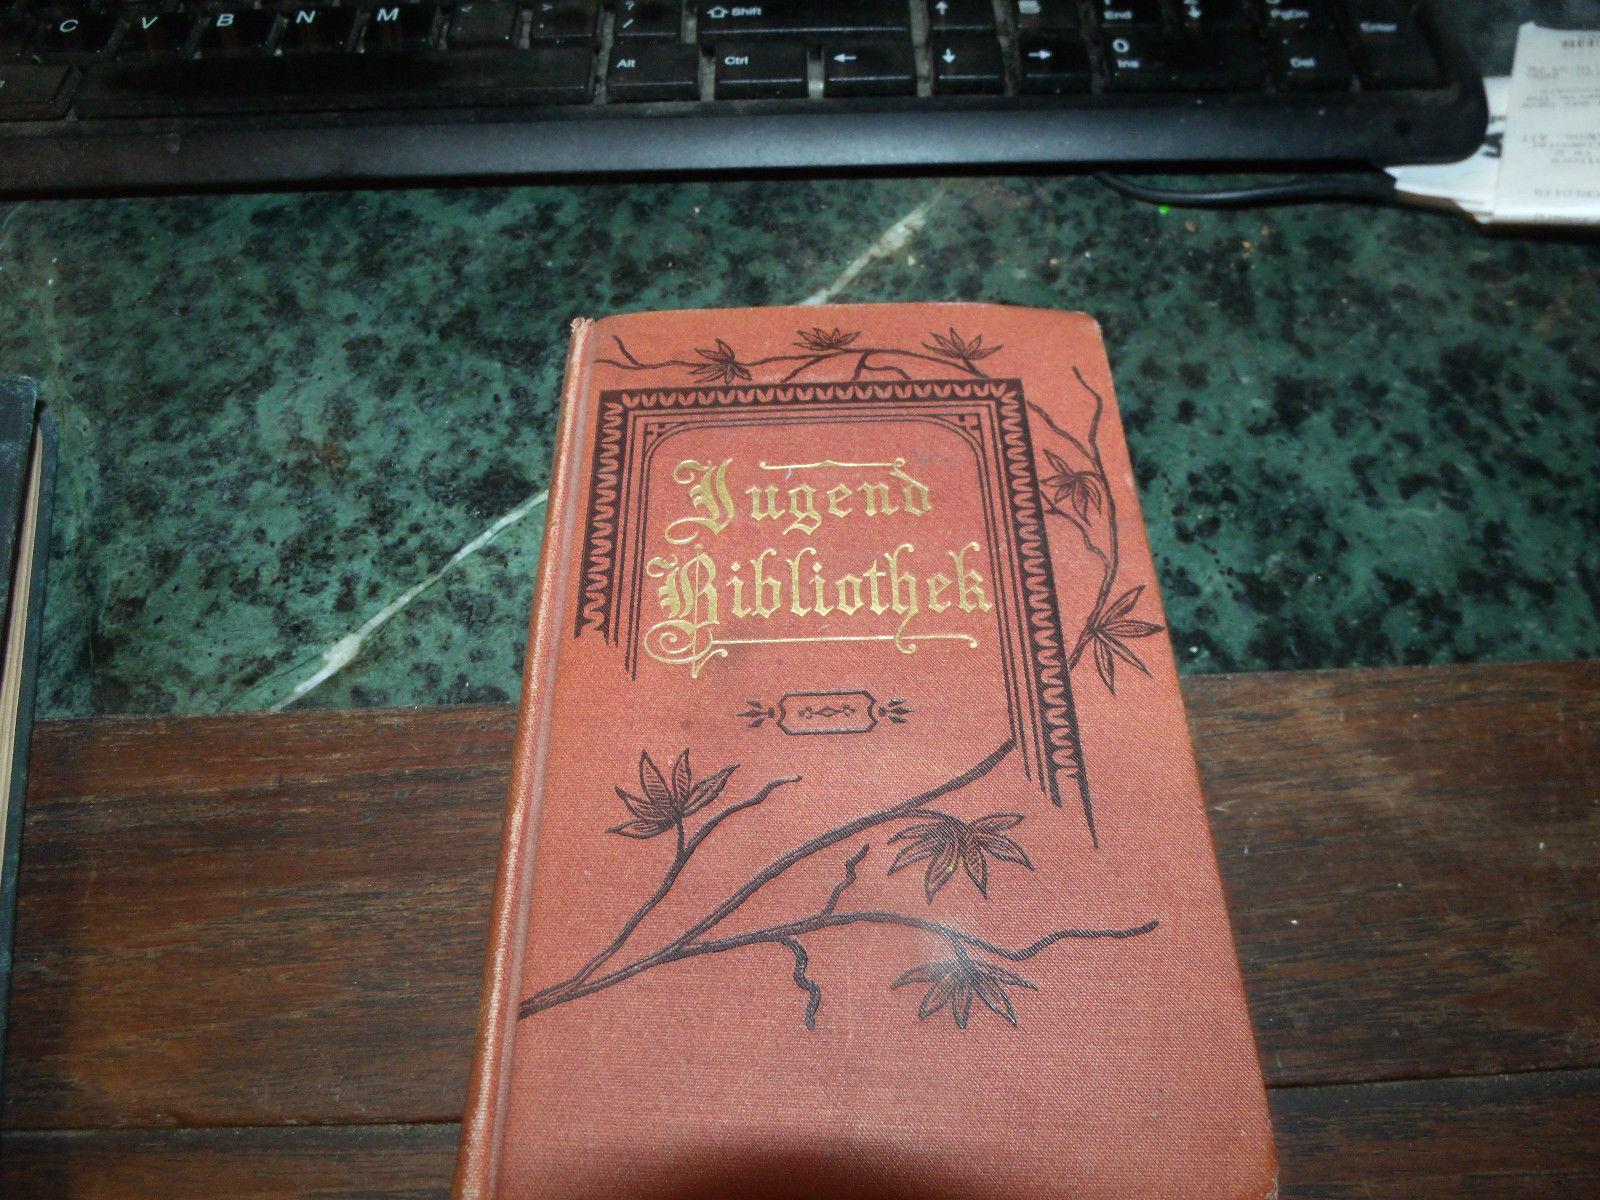 LUGEND BIBLIOTHEK 3 KINGS OF JERUSALEM 1871 HARDCOVER